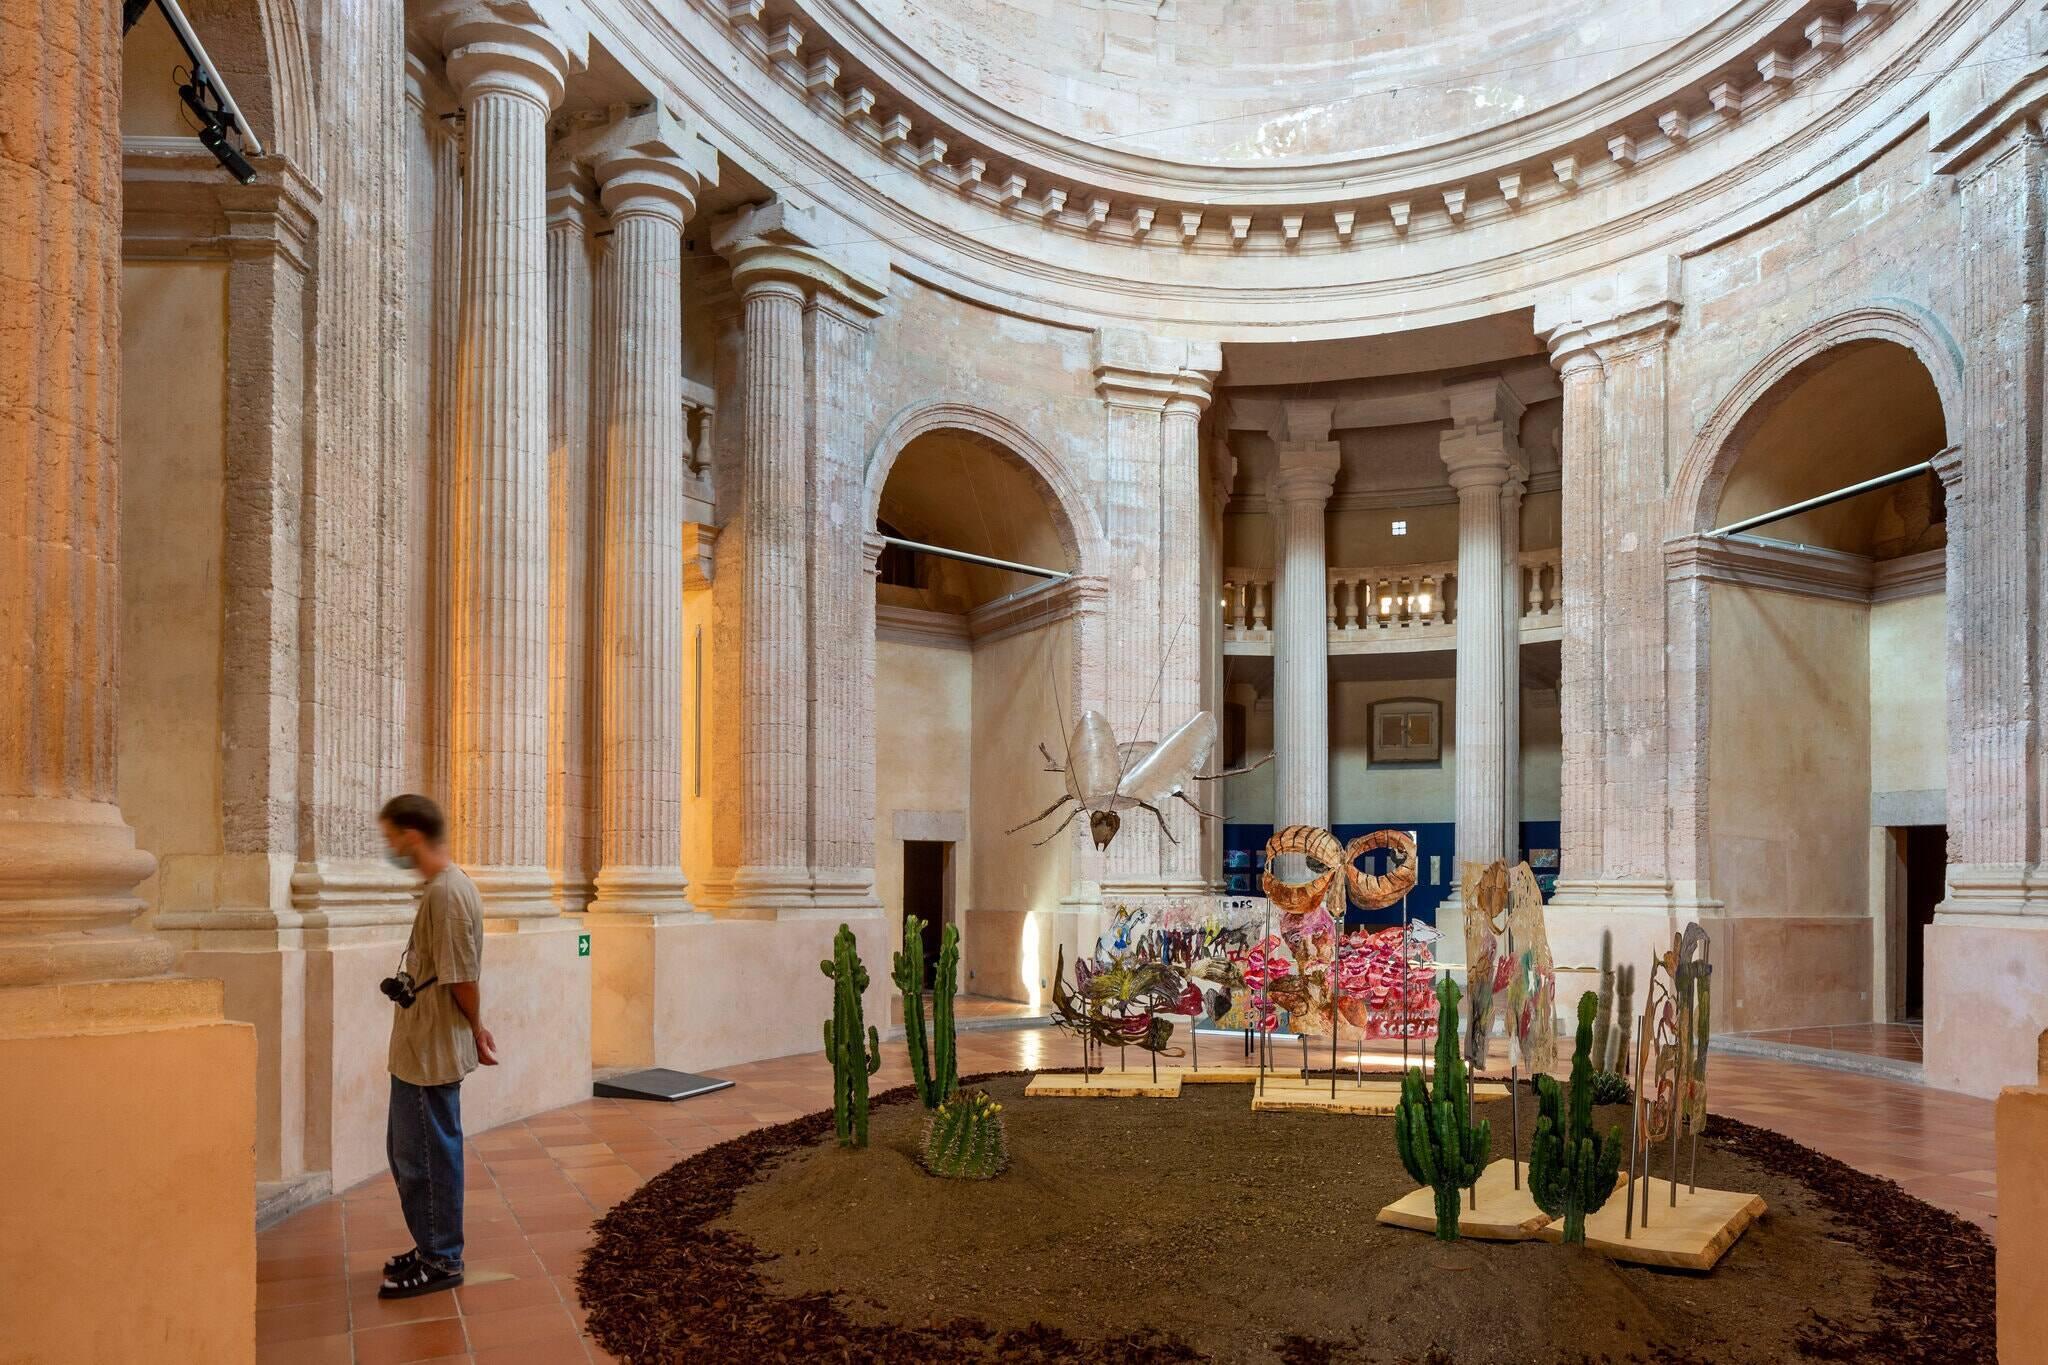 Musées de Marseille / Cliché mis à disposition par les musées de Marseille